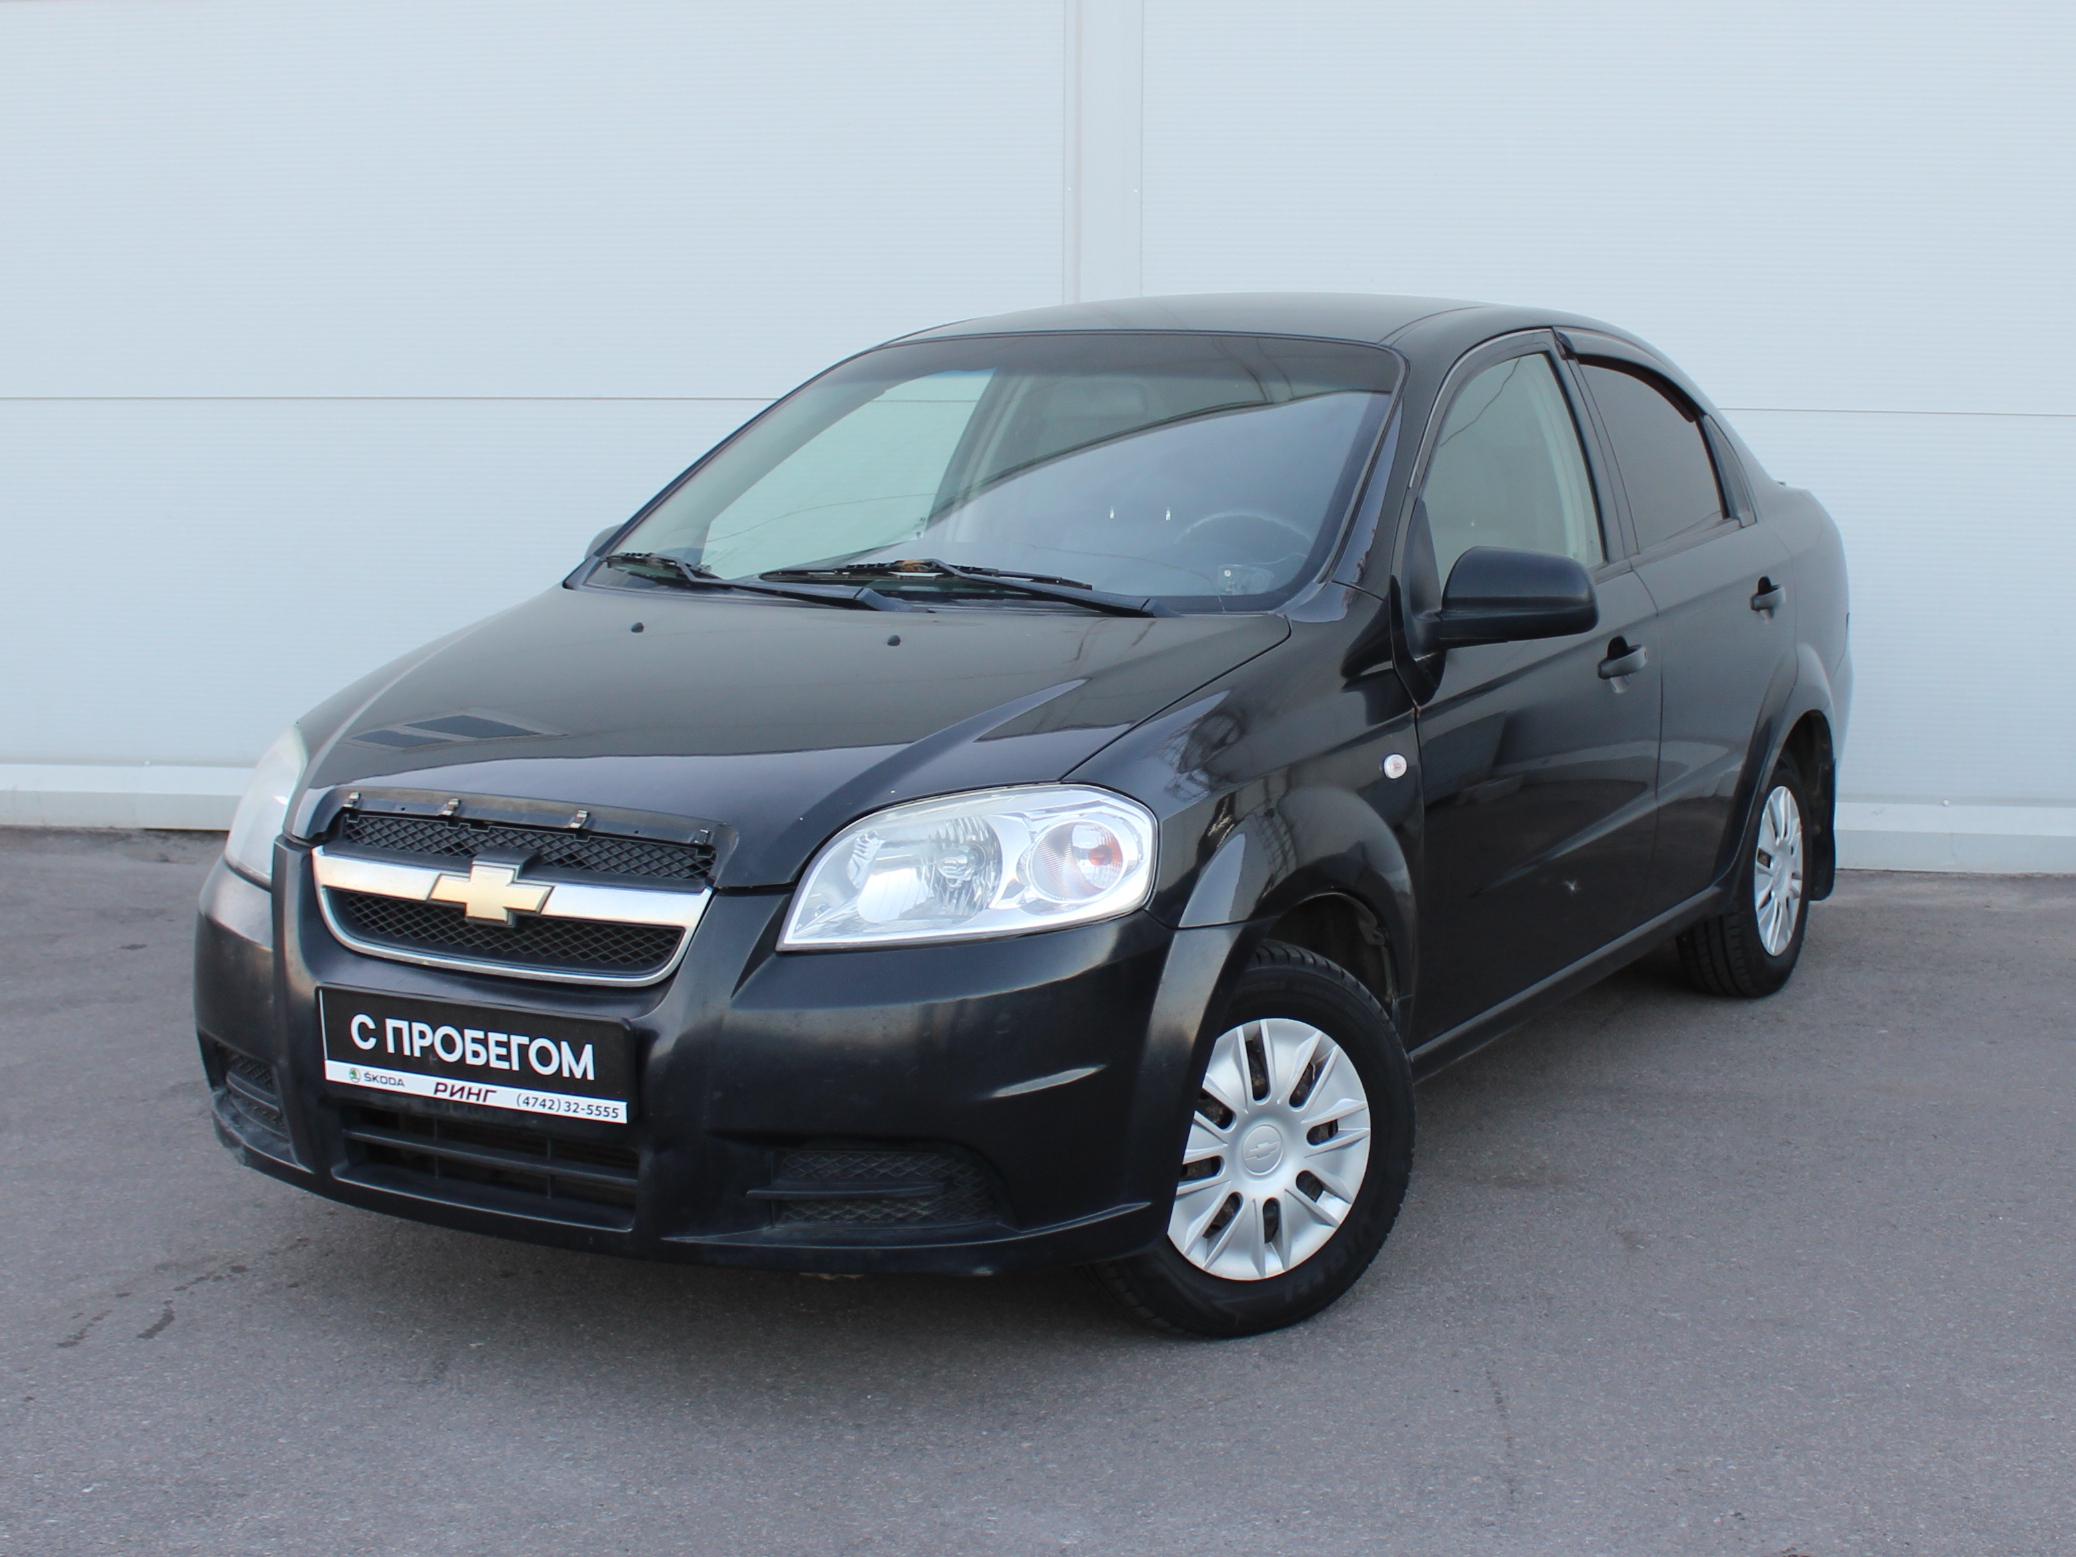 Chevrolet Aveo Седан (2011г.)